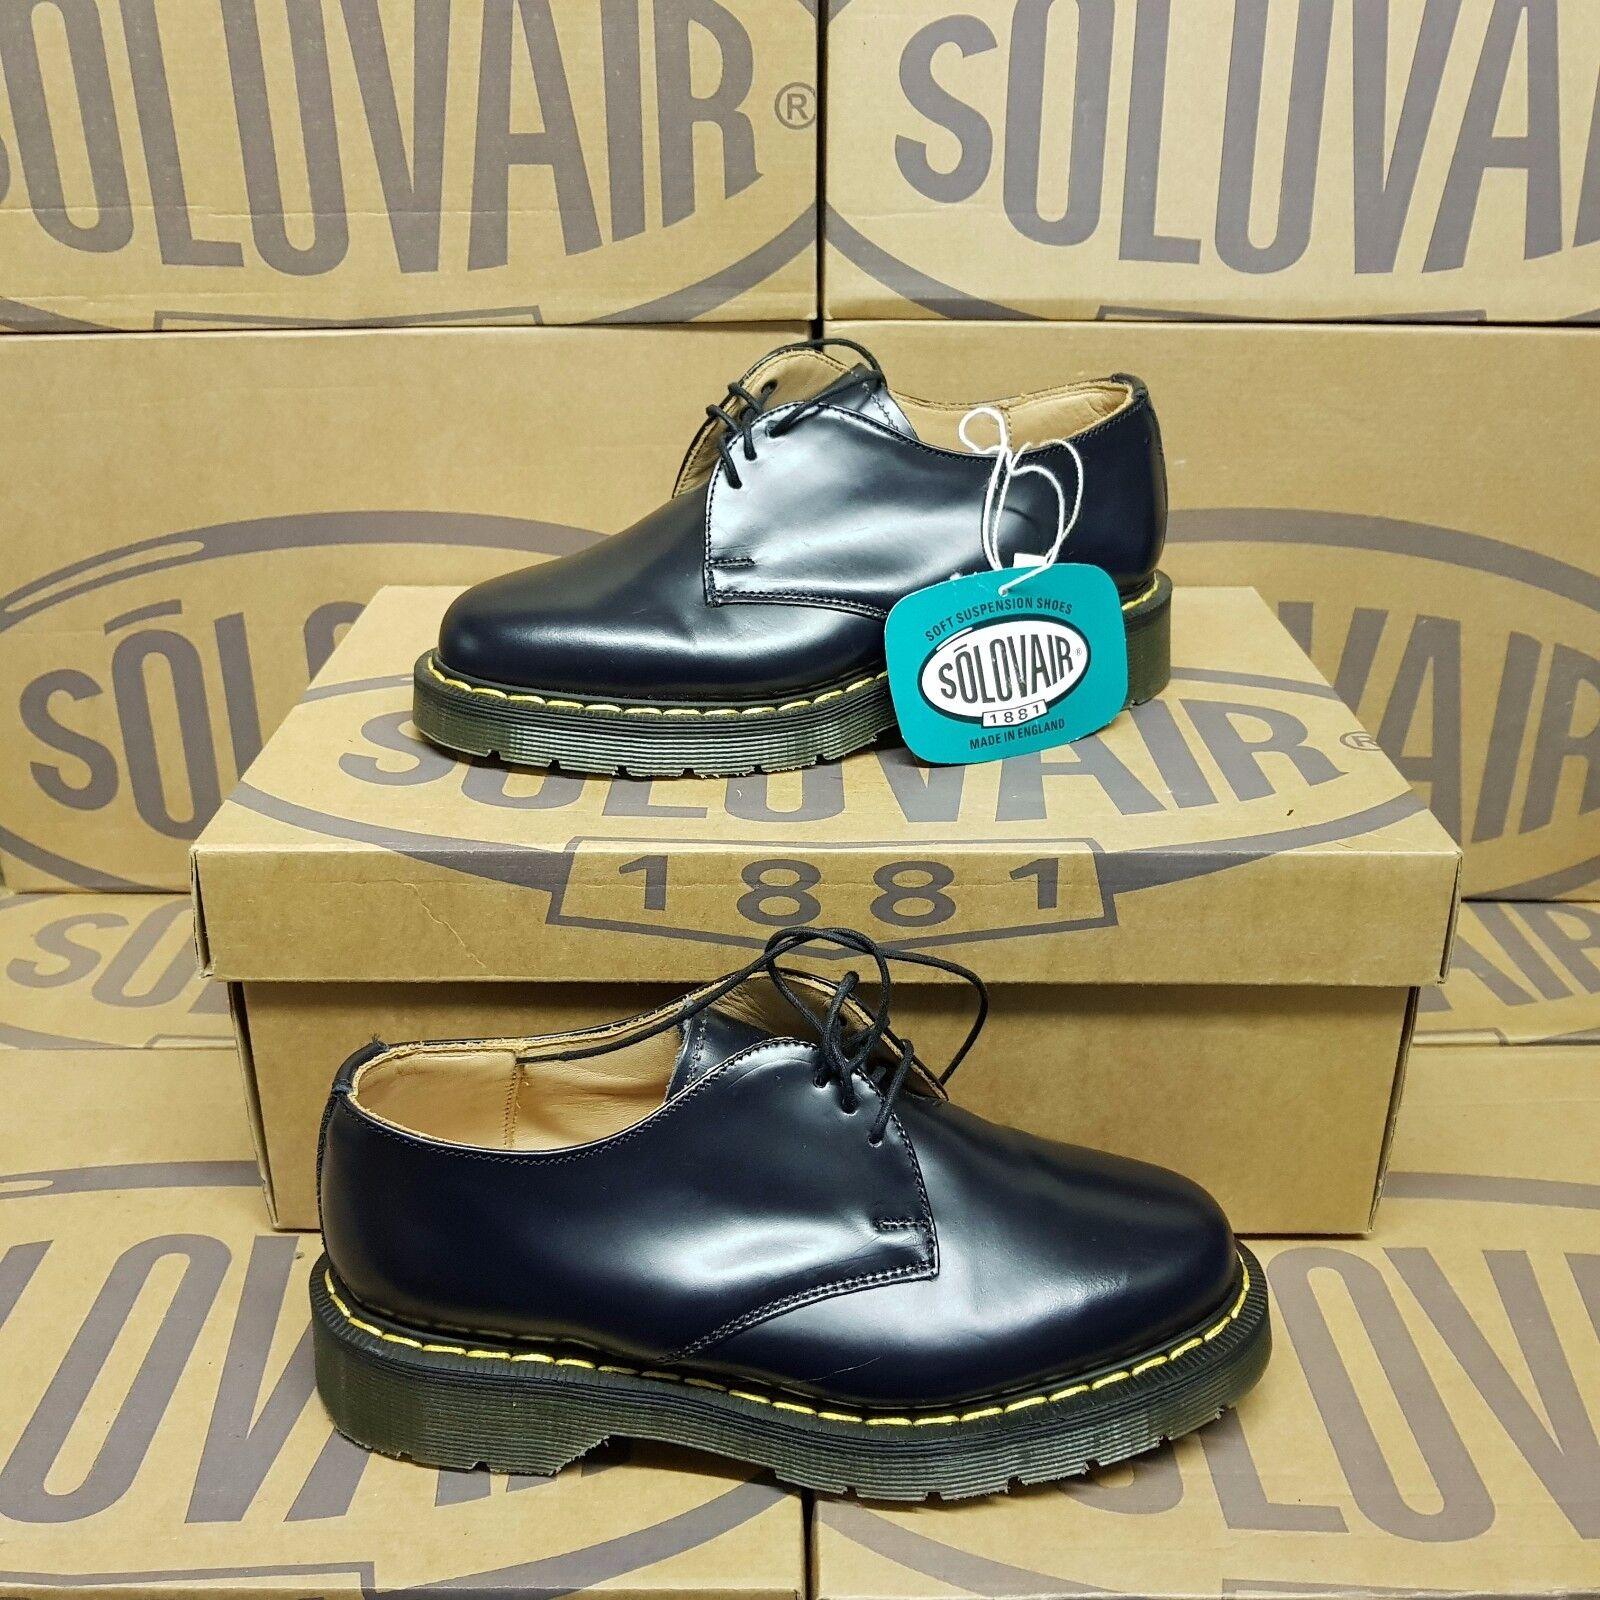 SOLOVAIR 3 Eye hommes femmes chaussures Navy UK 3 EUR 35 (pv 145£)